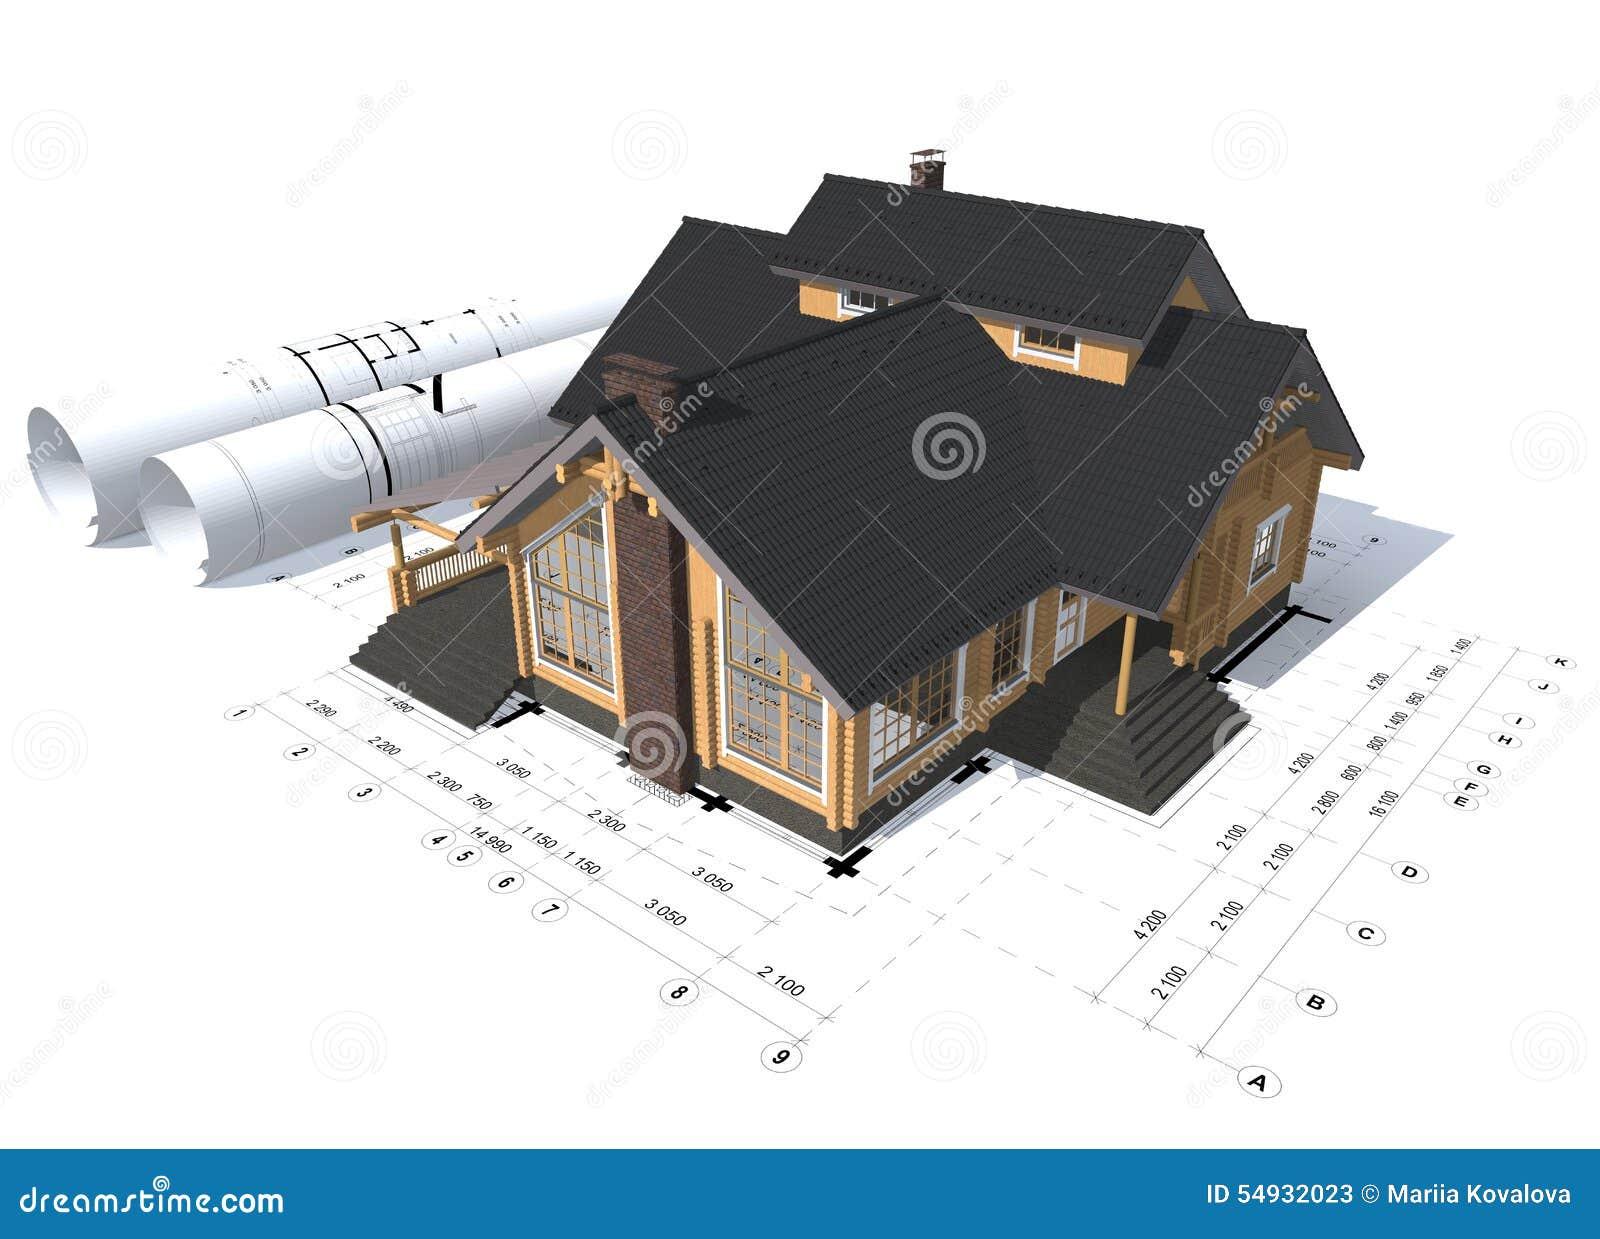 Progettazione Casa Programma : Programma progetto casa programma progetto casa casa immobiliare